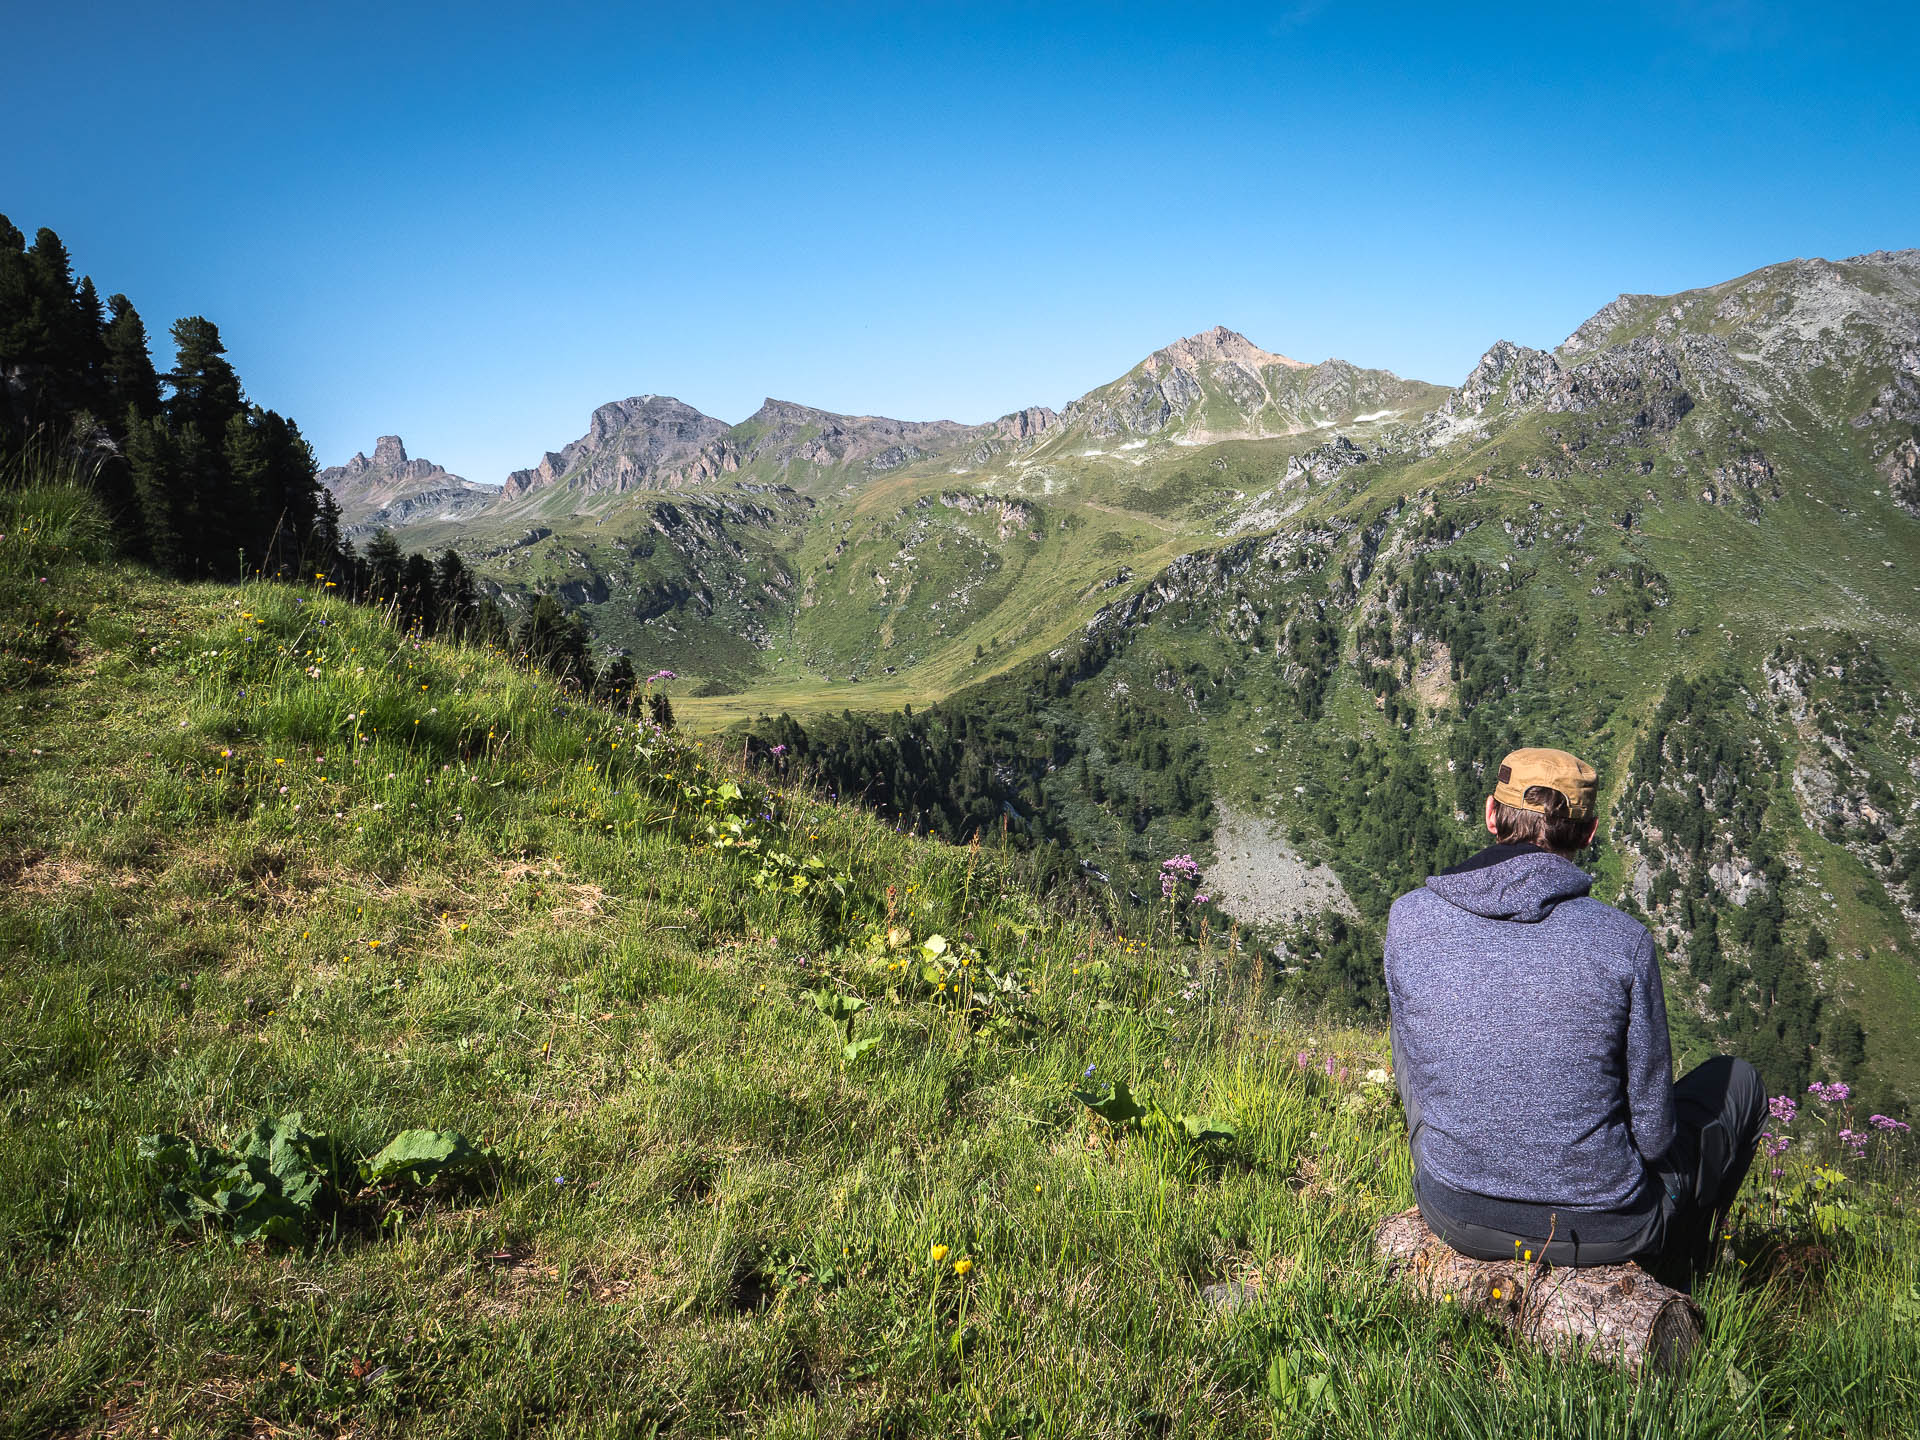 rechy vue seb - Les globe blogueurs - blog voyage nature